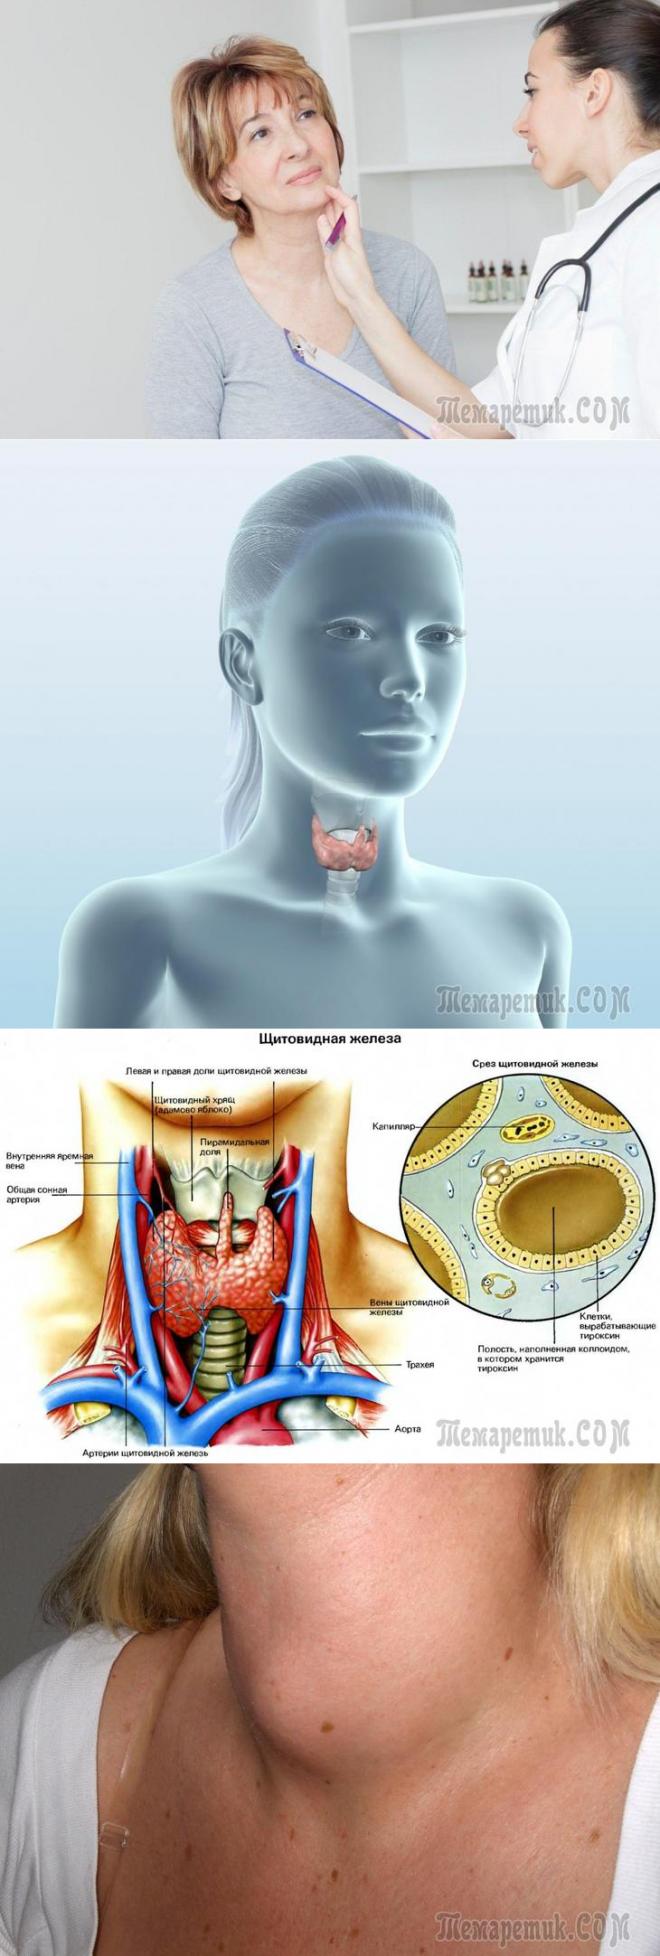 Психологические причины заболевания щитовидной железы у женщин